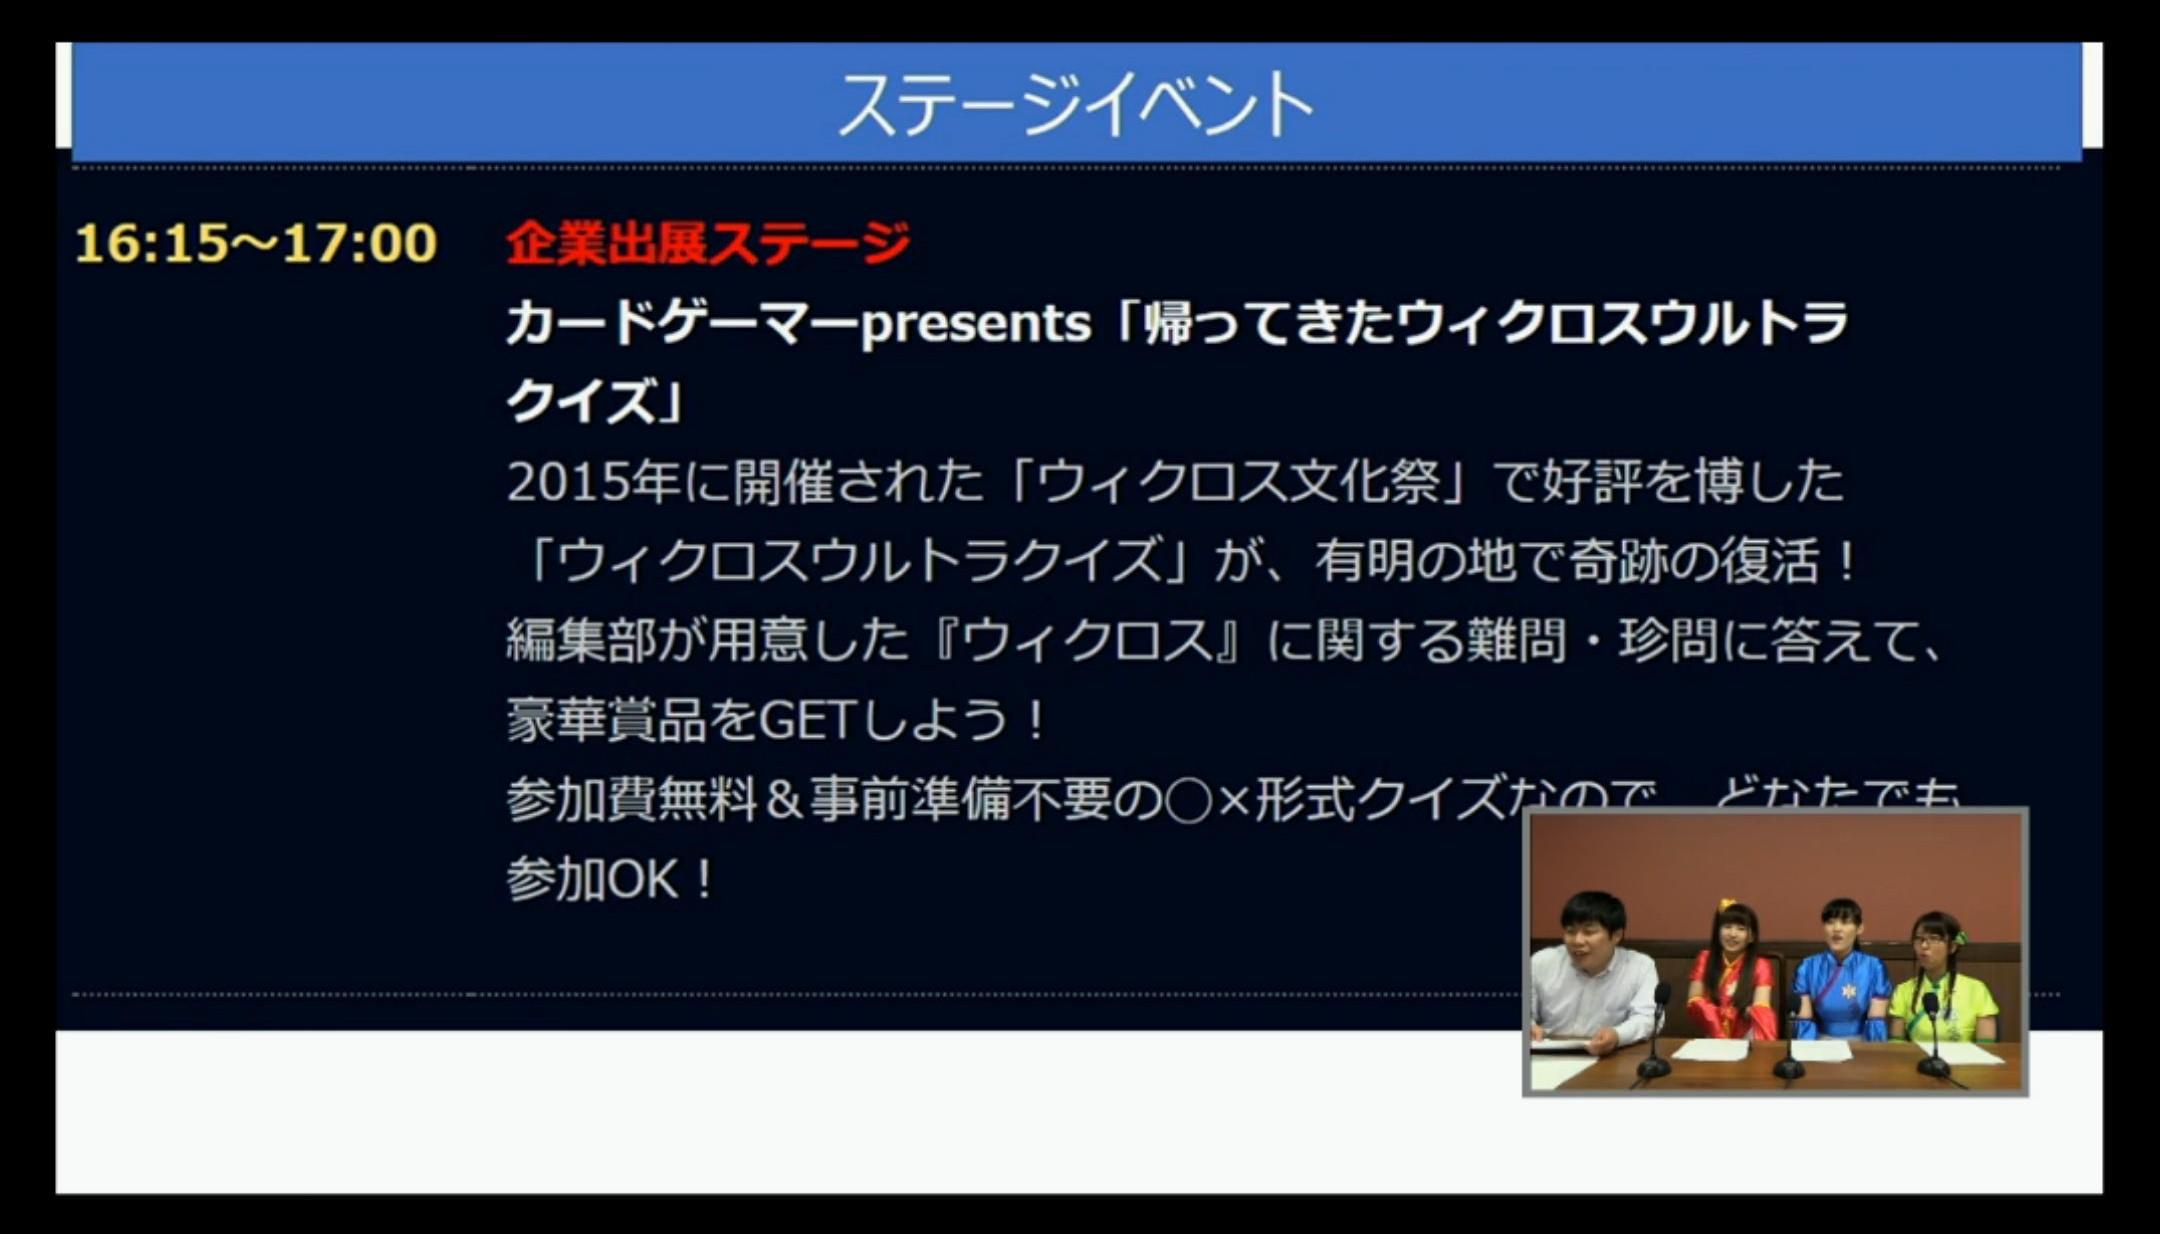 wx-live-170724-007.jpg